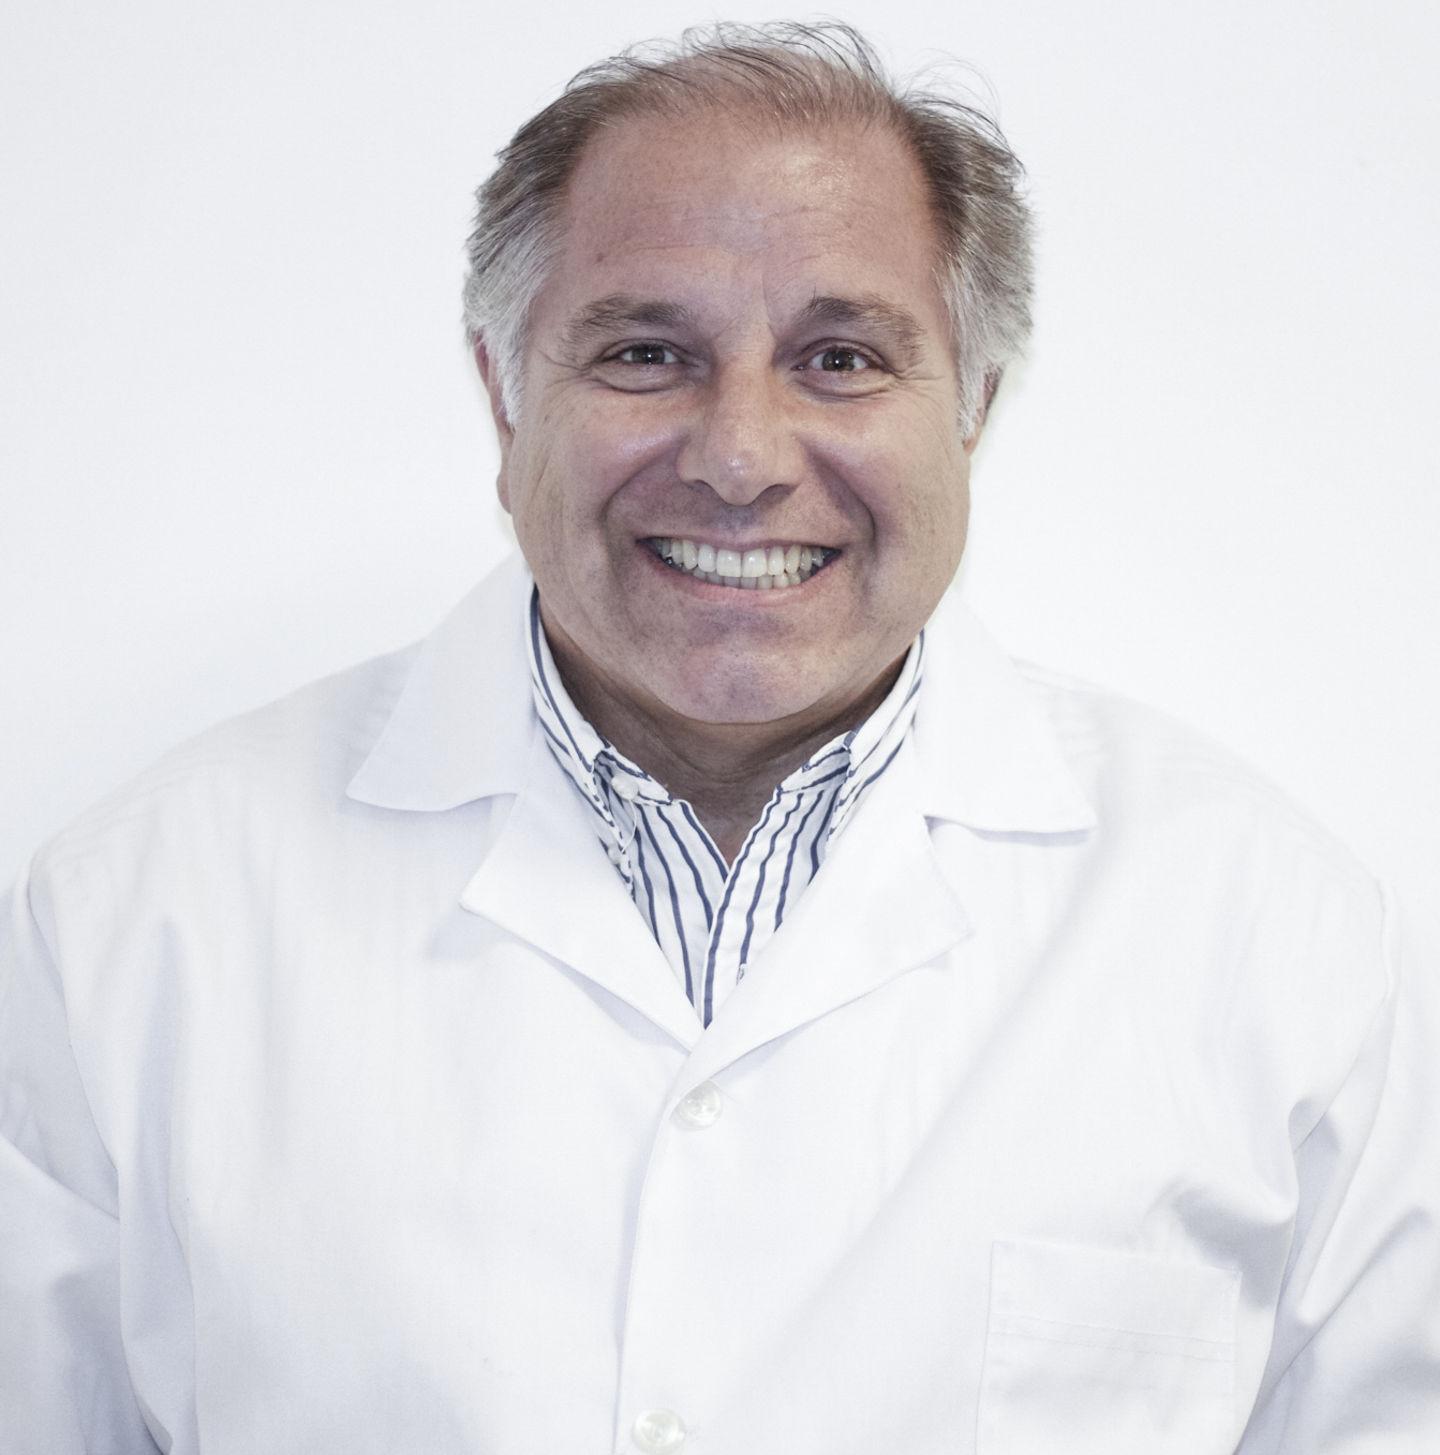 Dr. Daniel Mallo